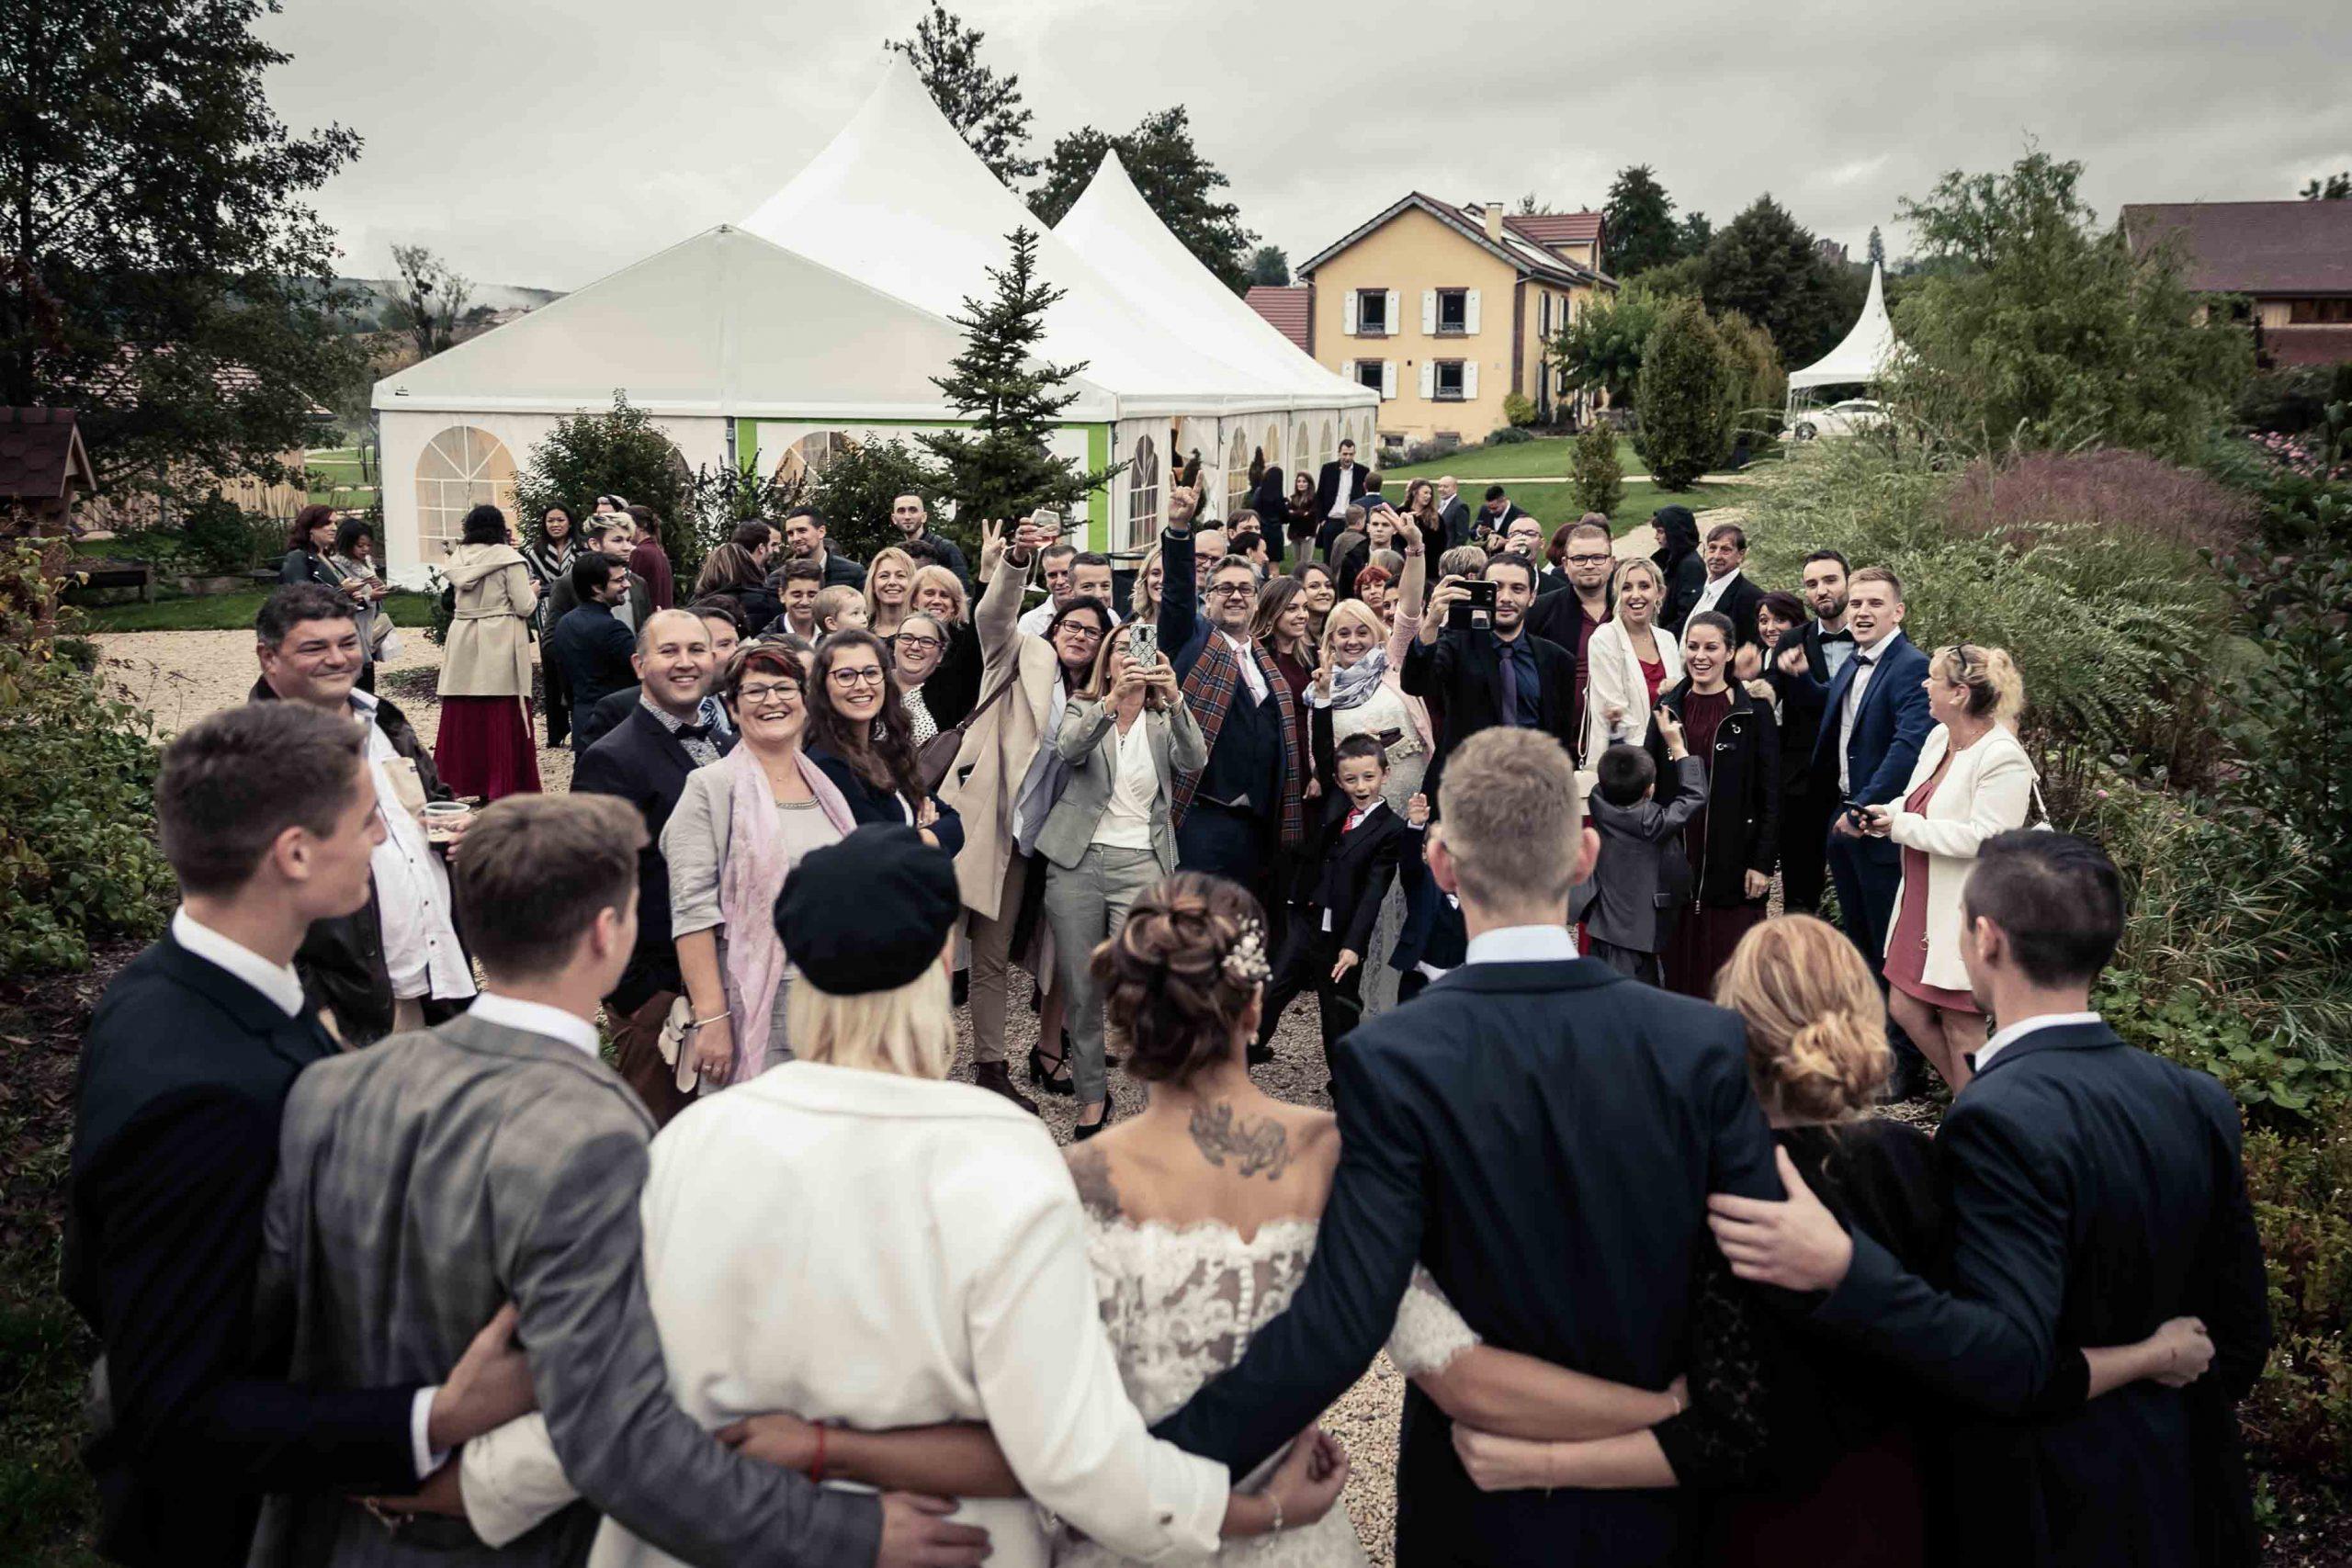 Mariage au domaine de la Mangue en Franche-Comté